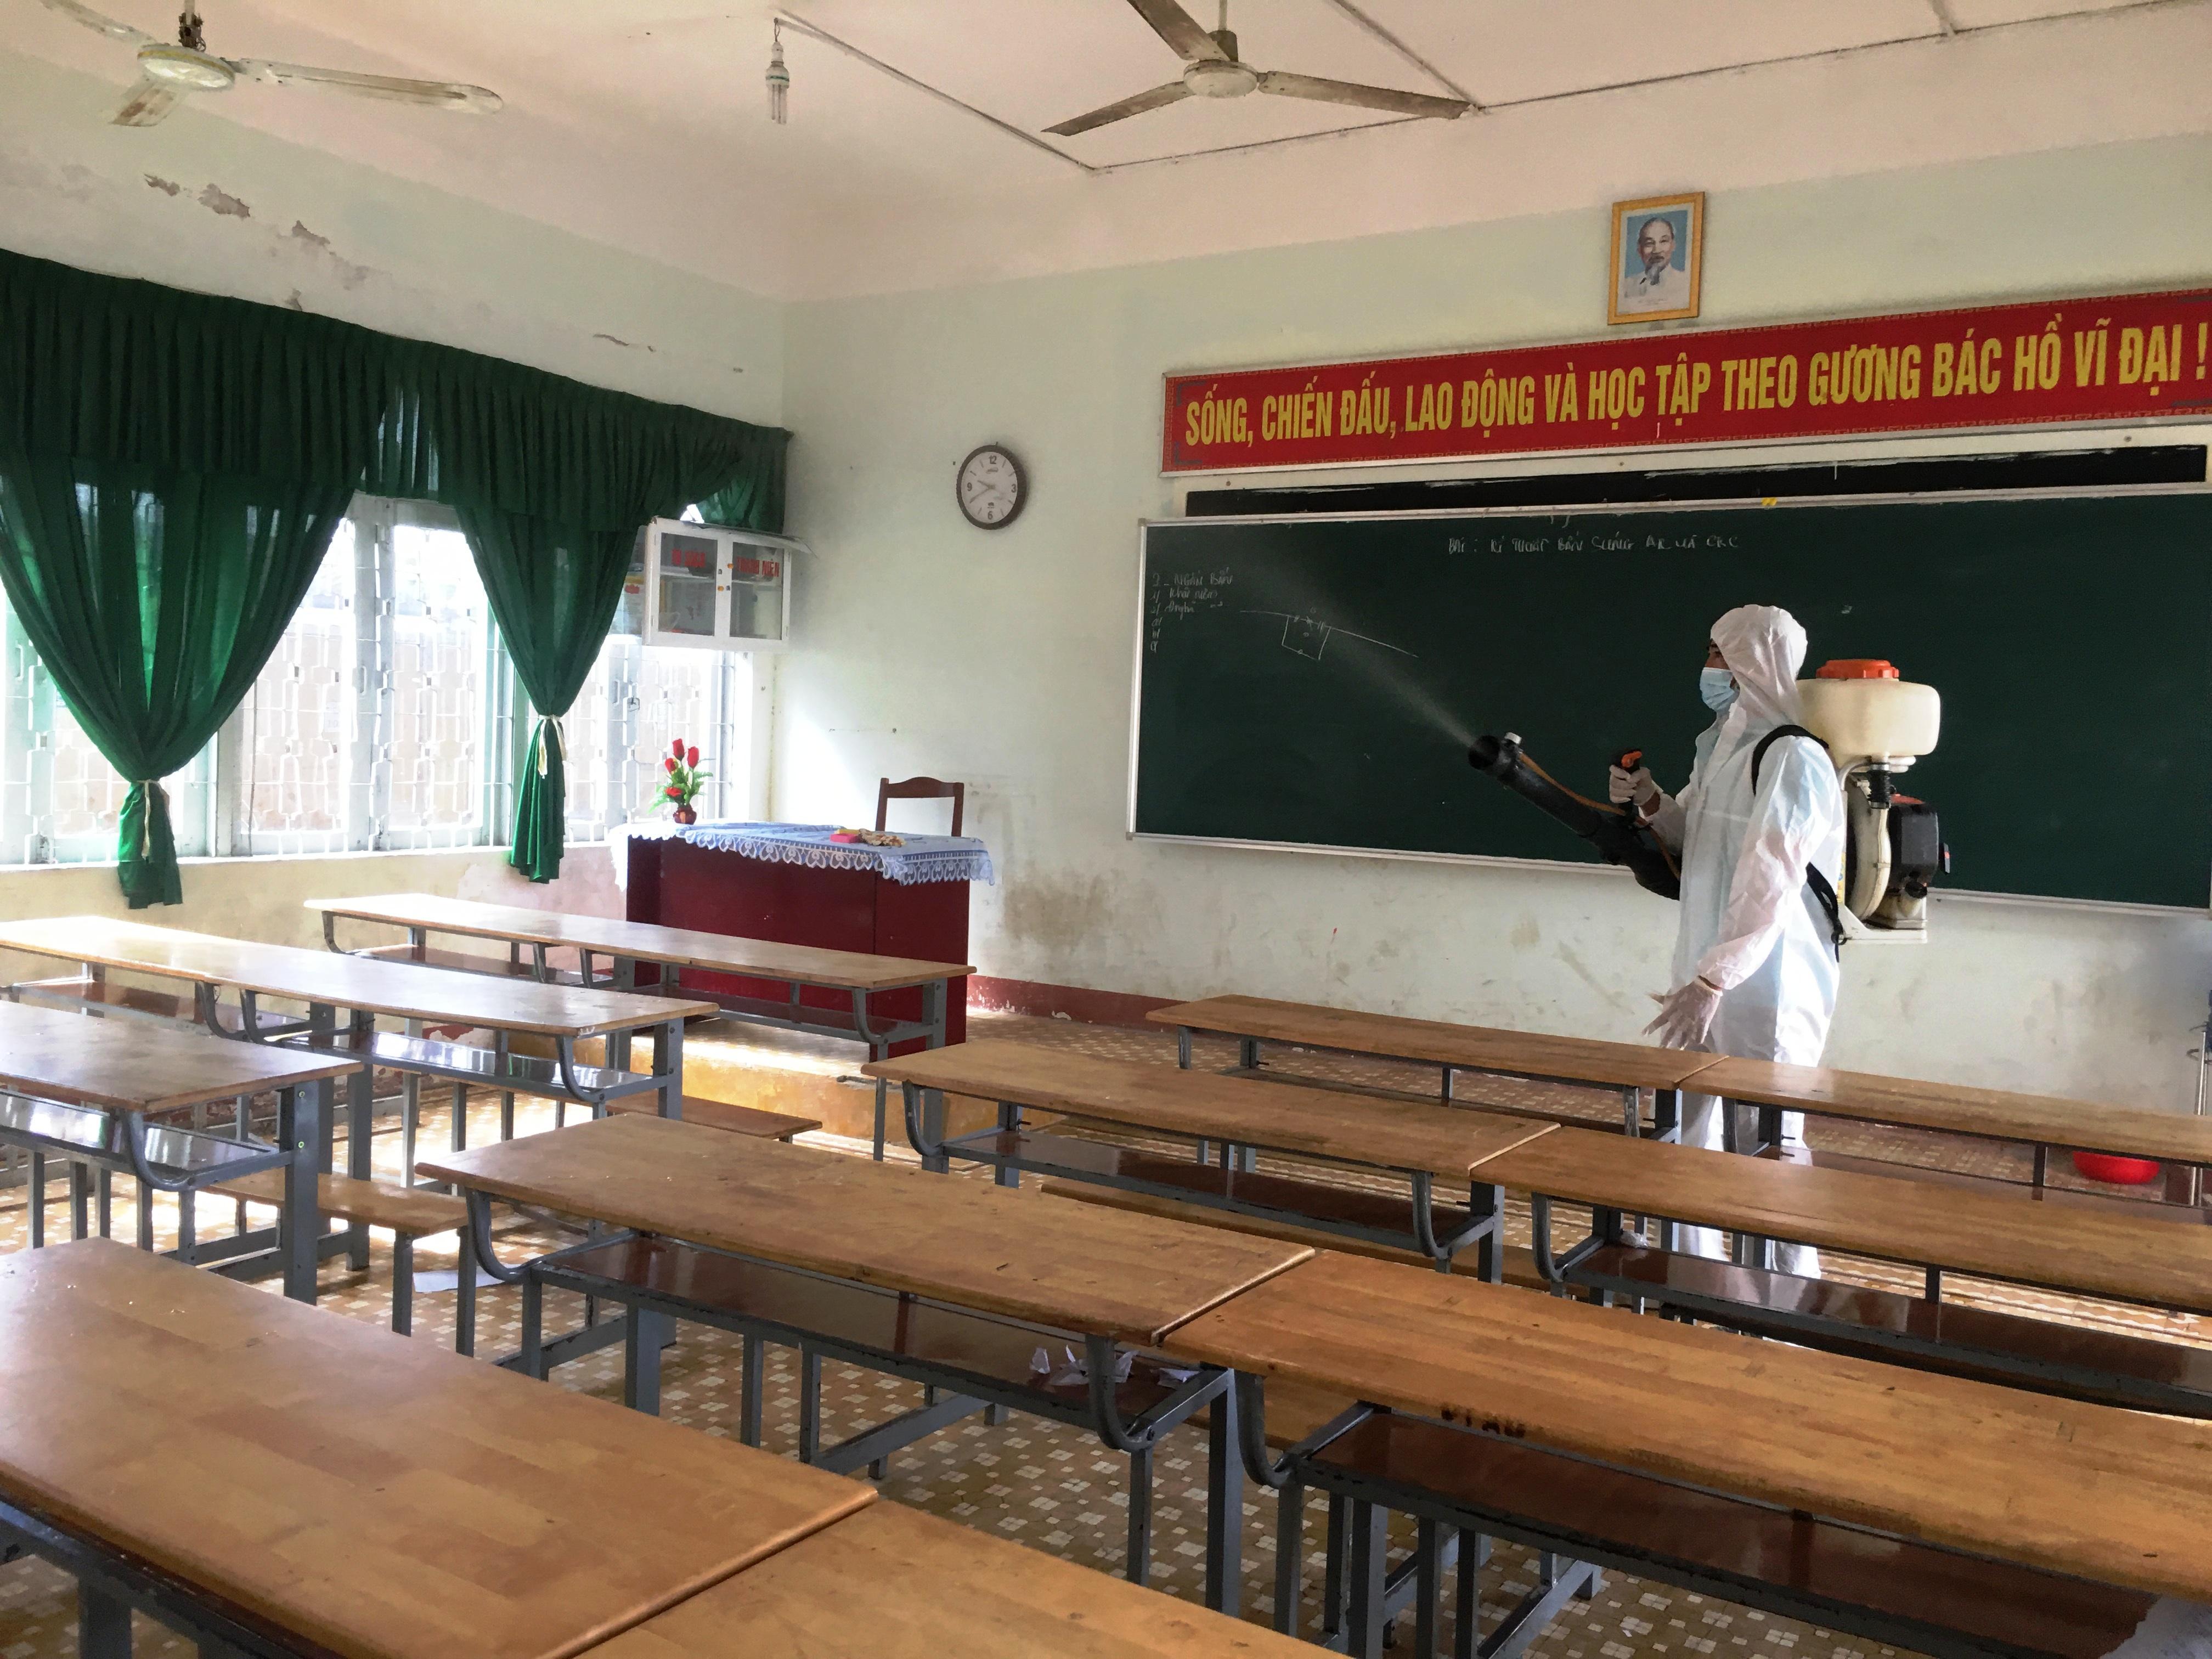 Ngành Giáo dục huyện M'Drắk phấn đấu thực hiện tốt nhiệm vụ gắn với phòng chống dịch COVID-19